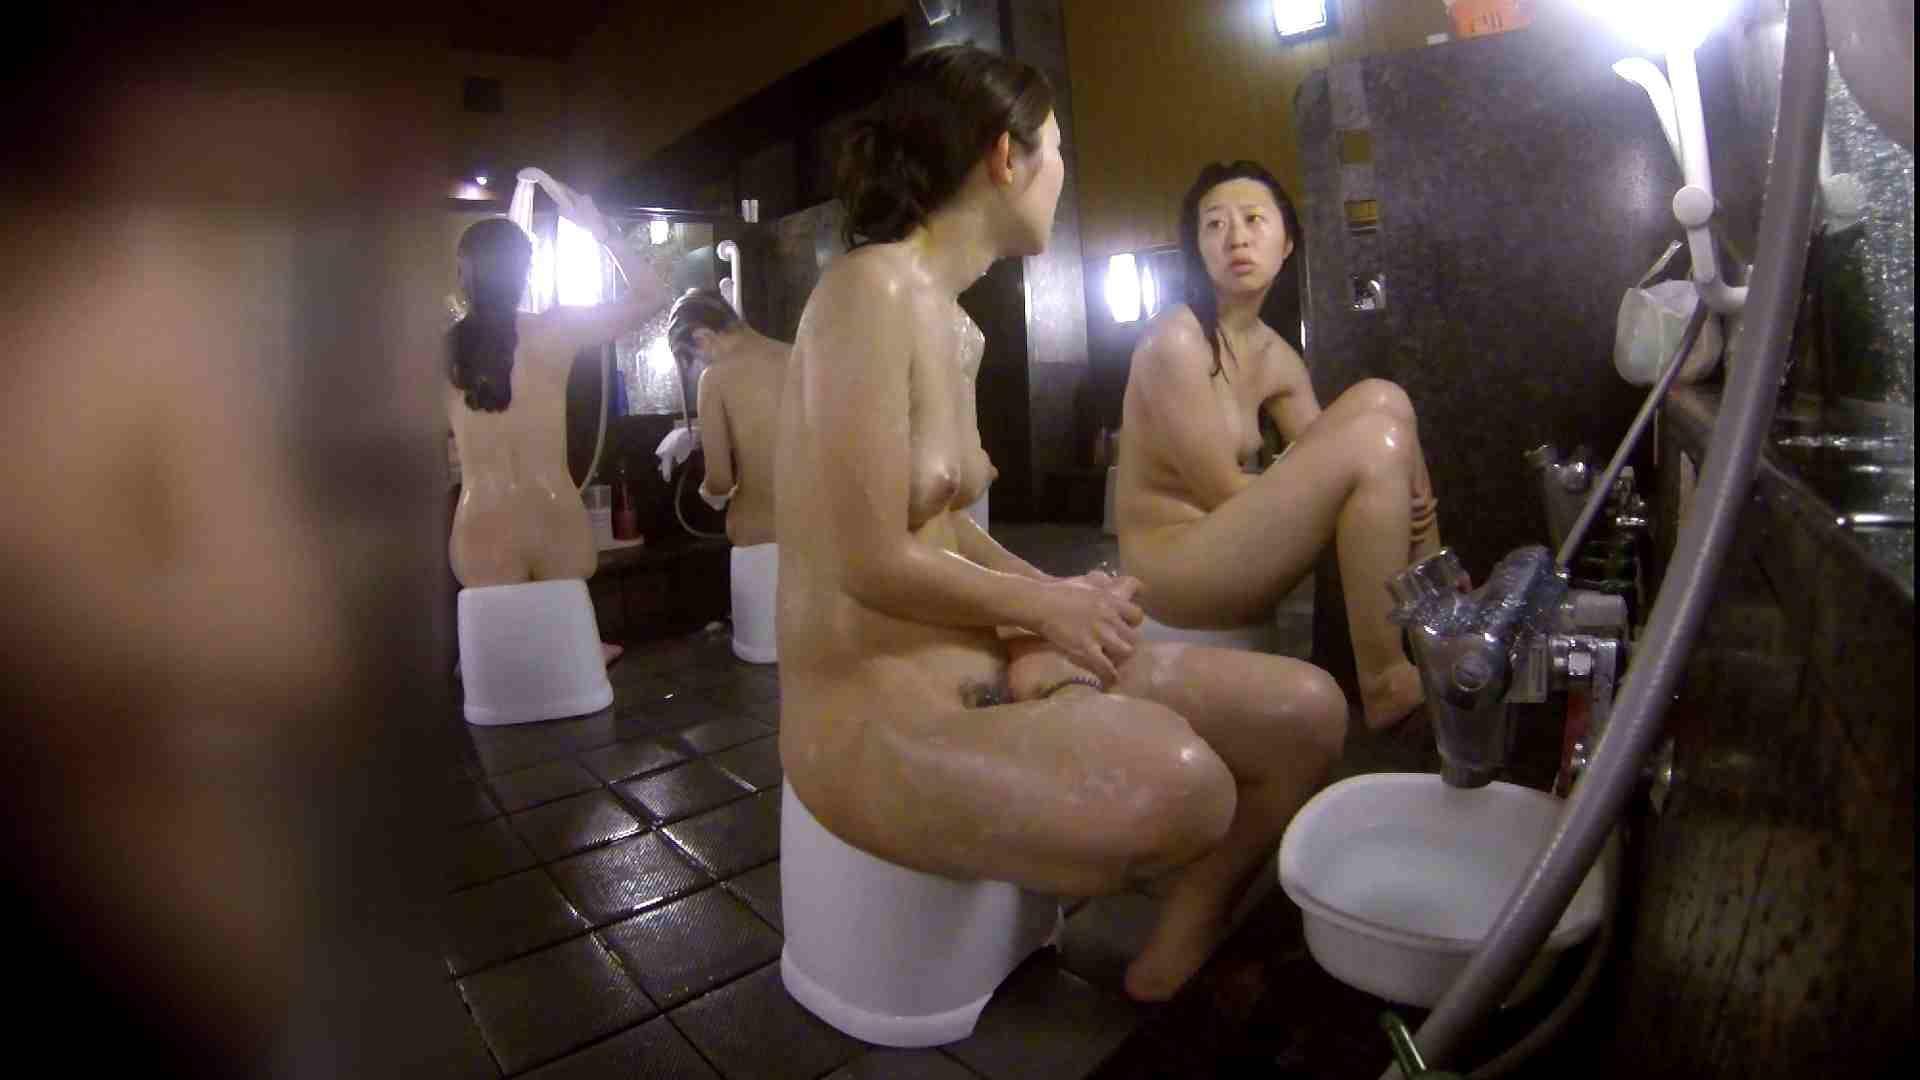 洗い場!地味目の女の子2人組。ずっと話しながら洗ってます。 友人・知人 | ギャル達  111枚 49